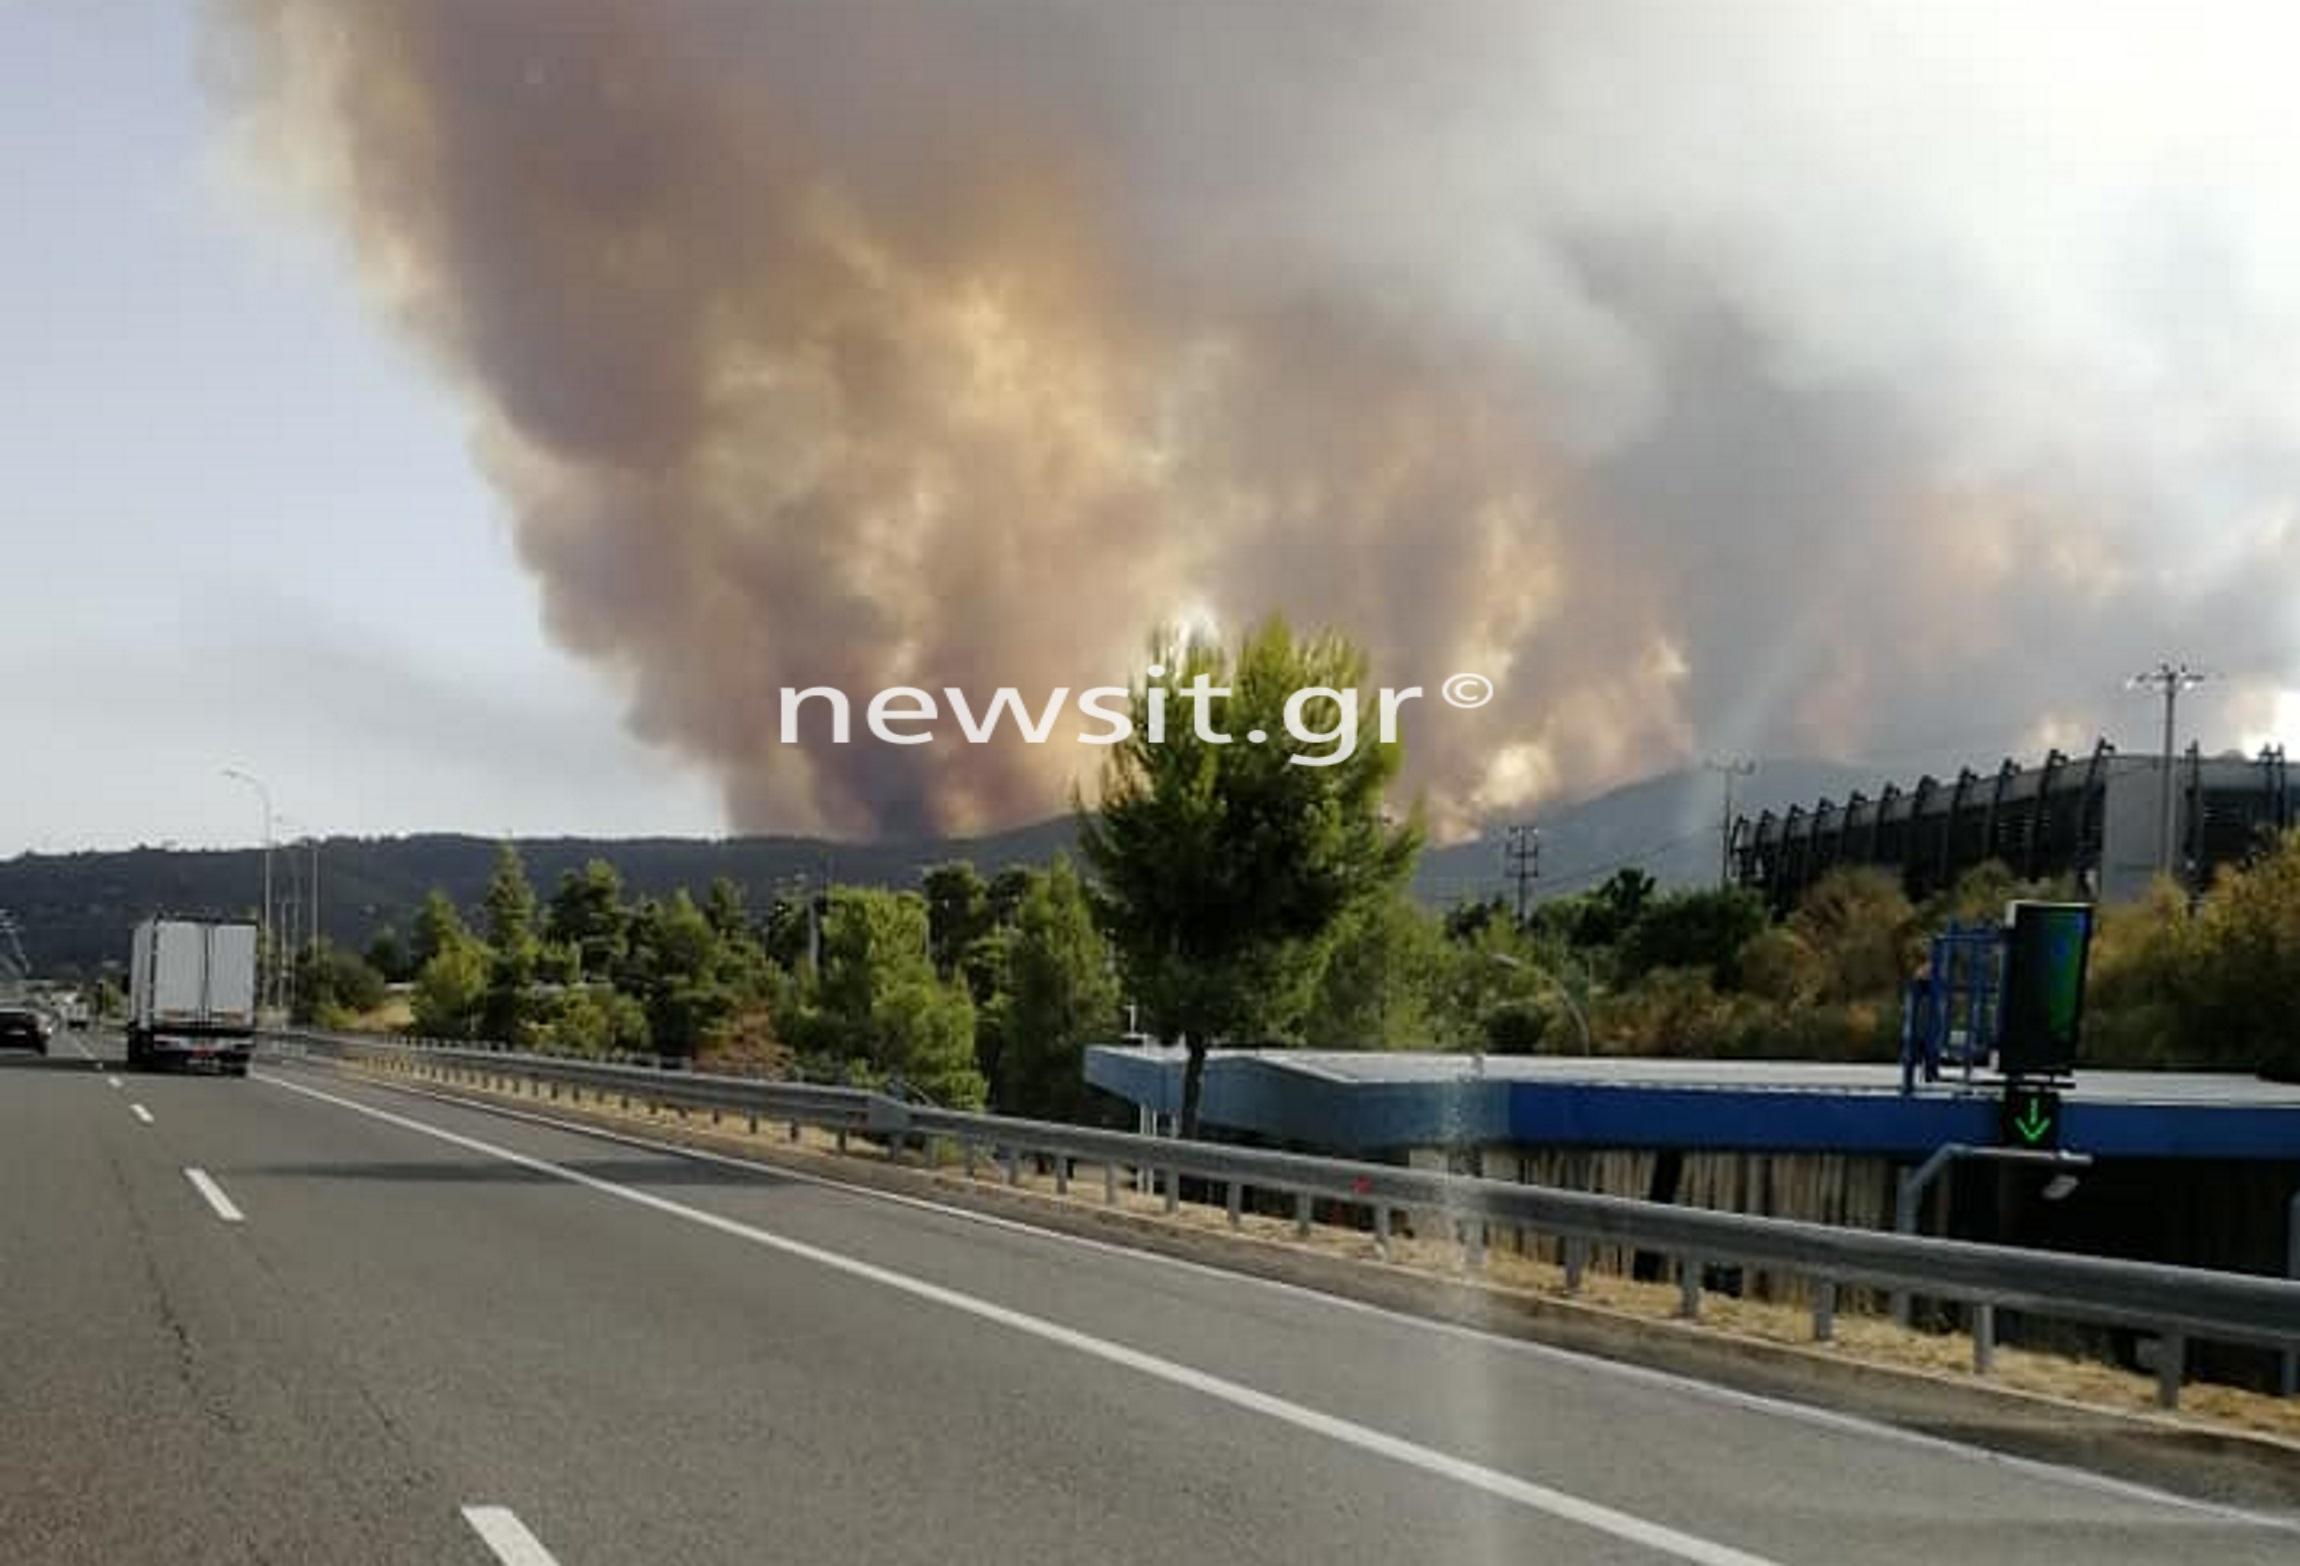 Φωτιά σε Δροσοπηγή – Κρυονέρι: Διακόπηκε η κυκλοφορία και στα δύο ρεύματα της Εθνικής Οδού από Θήβα ως Καλυφτάκη